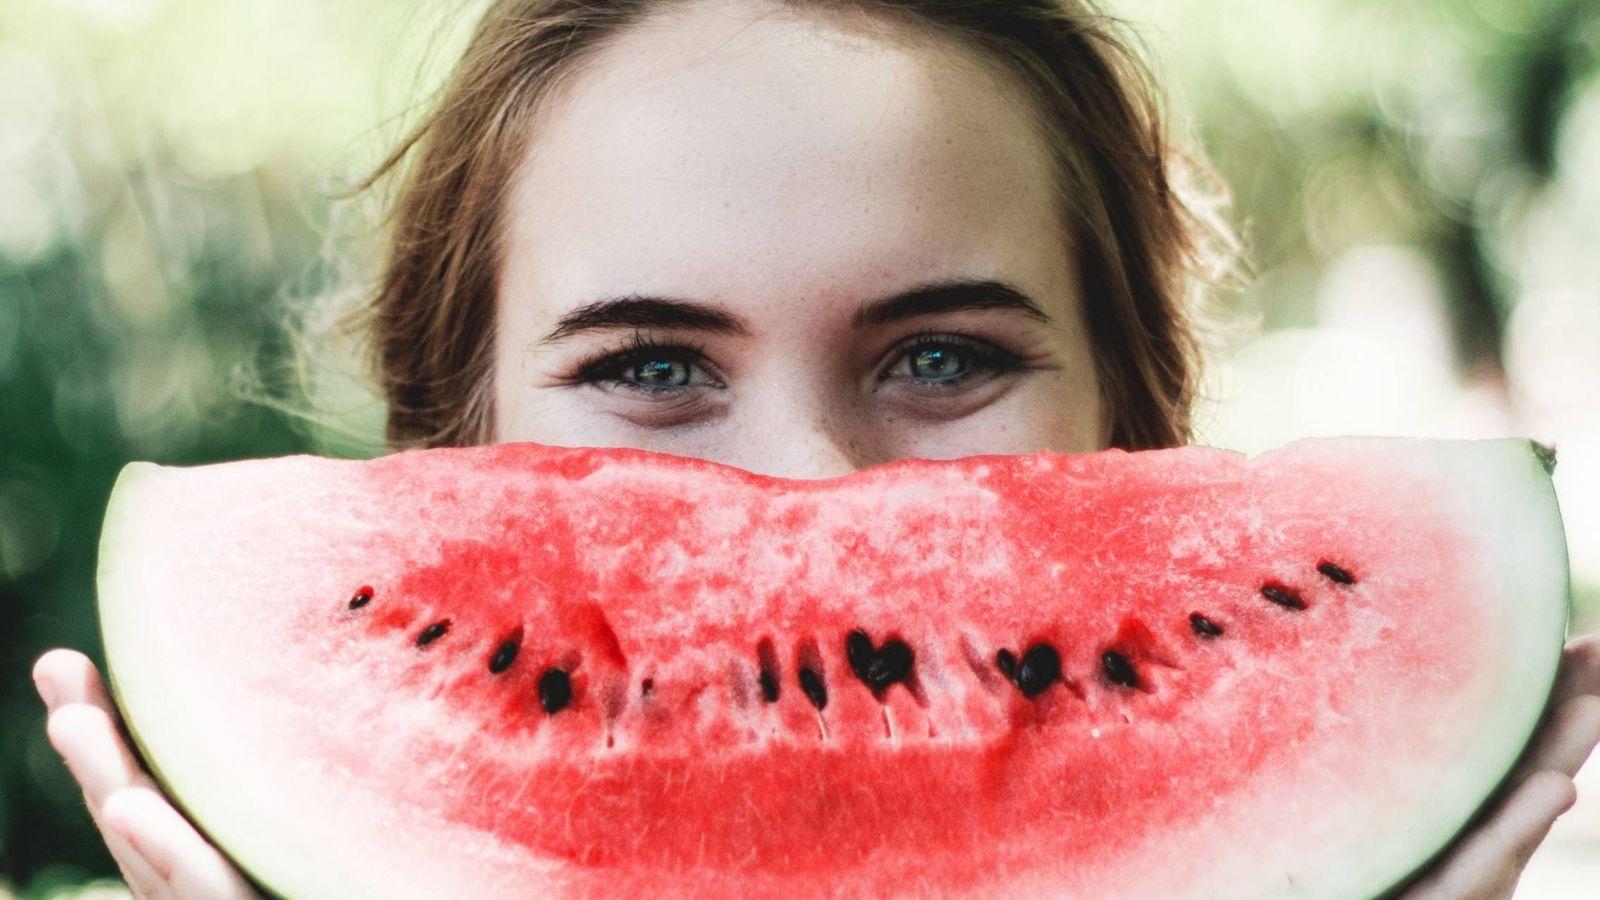 Foto: Come agua, sí como lo lees. (Imagen: Caju Gomes)